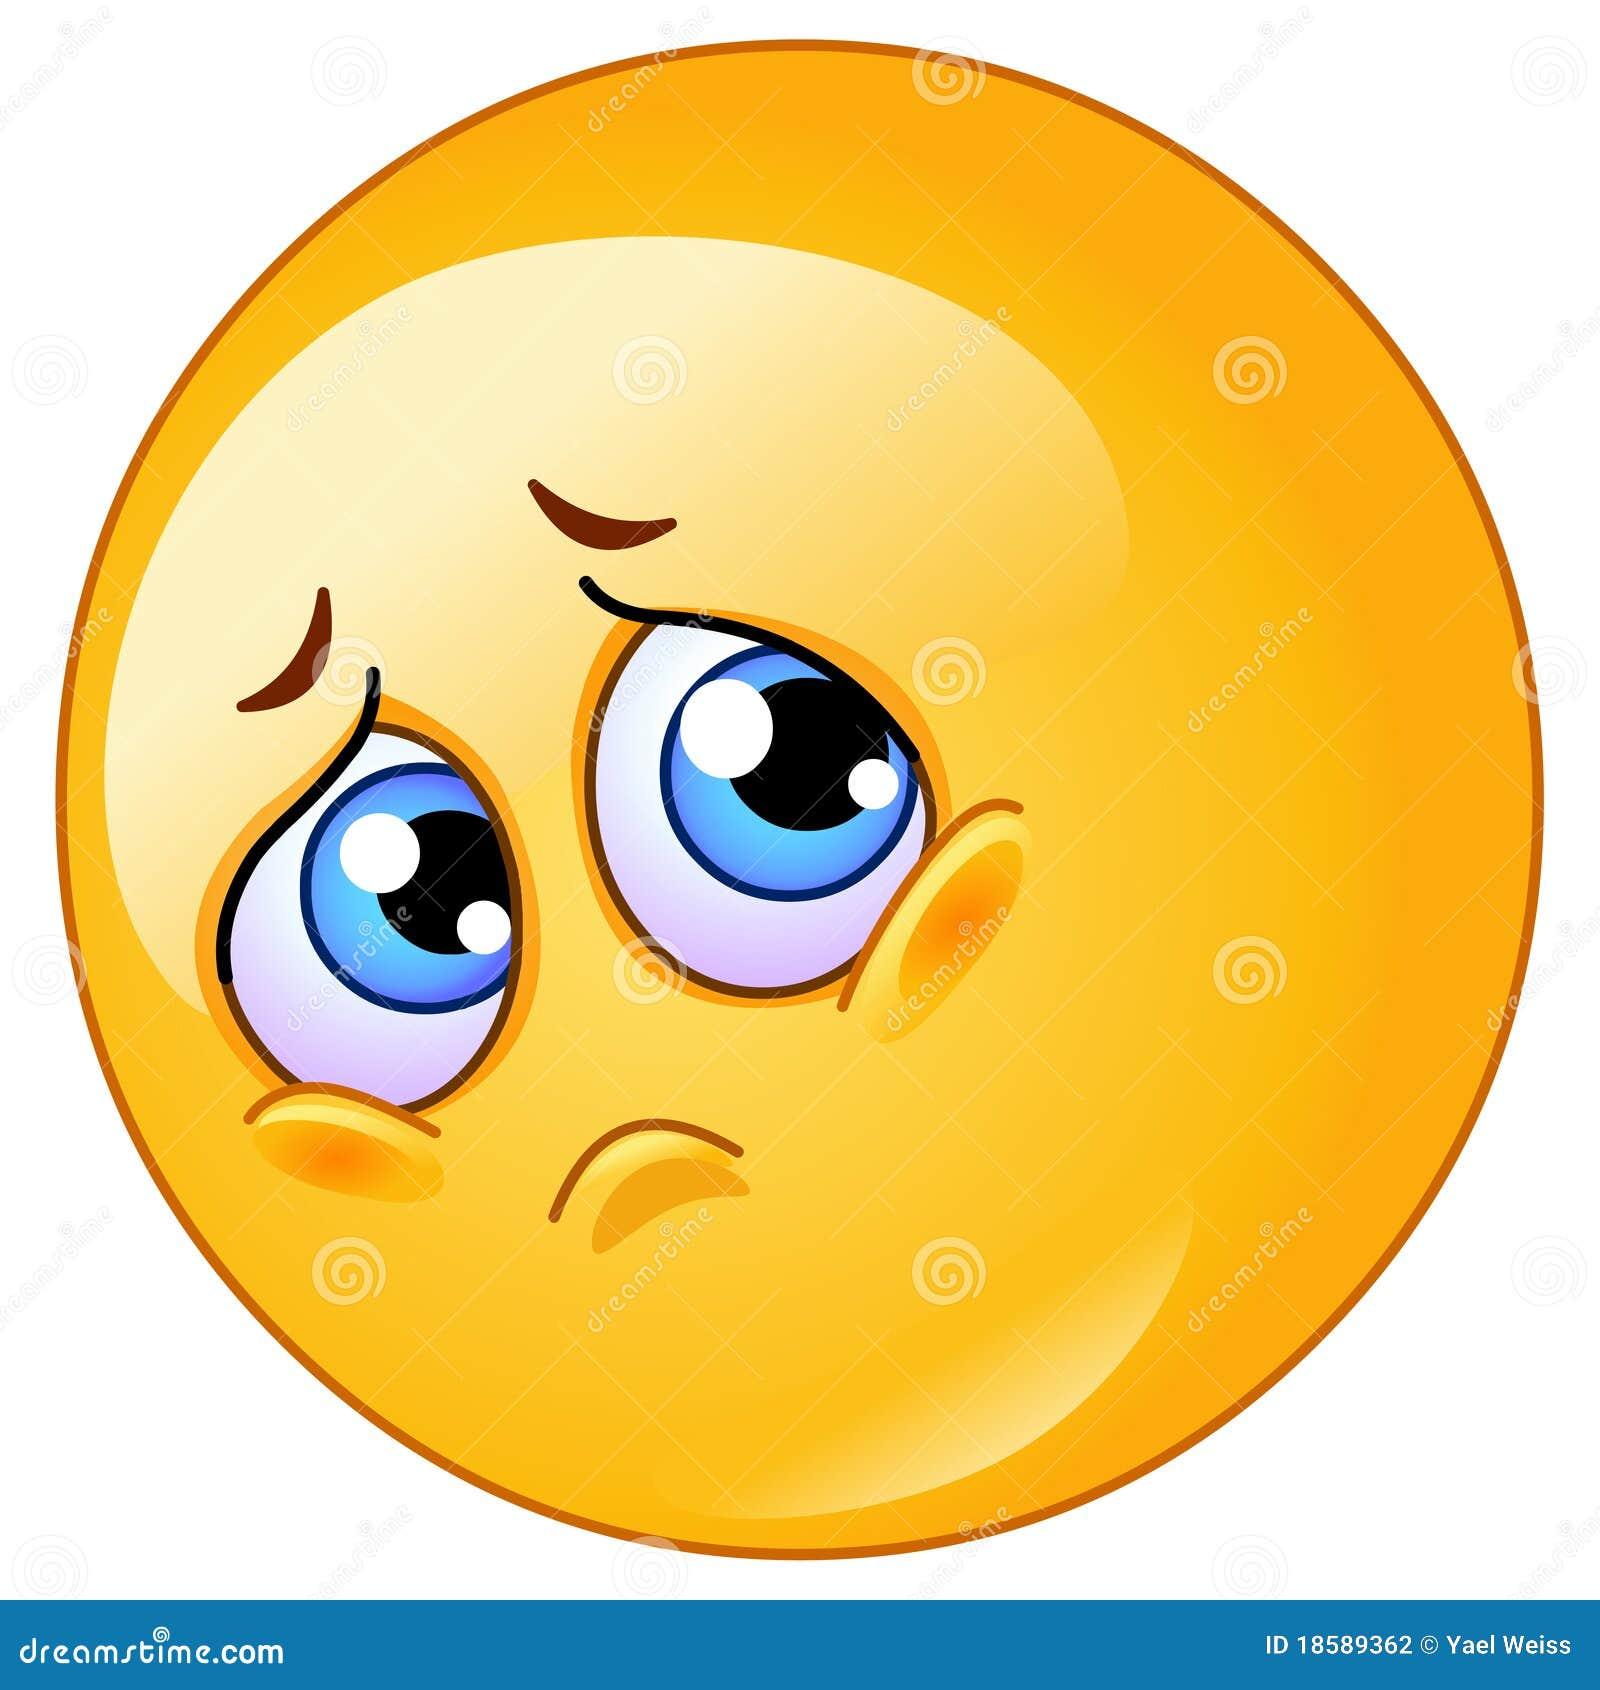 Cute Sad Face Emoticon